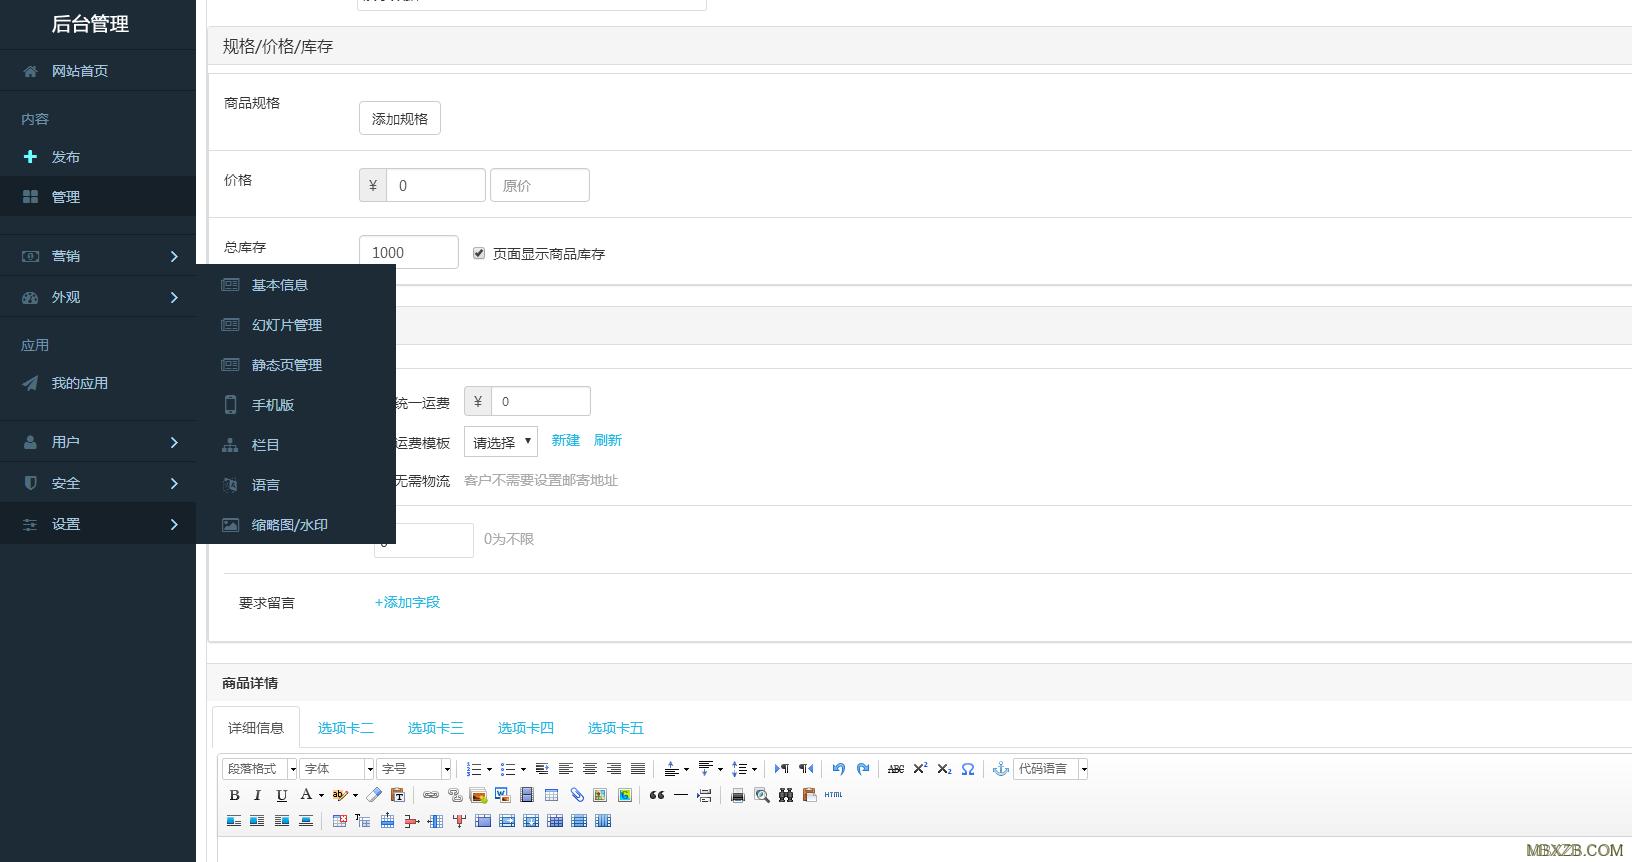 最新metinfo5.3.11去官方追踪后门,破解版,去掉所有metinfo字样,全功能版。